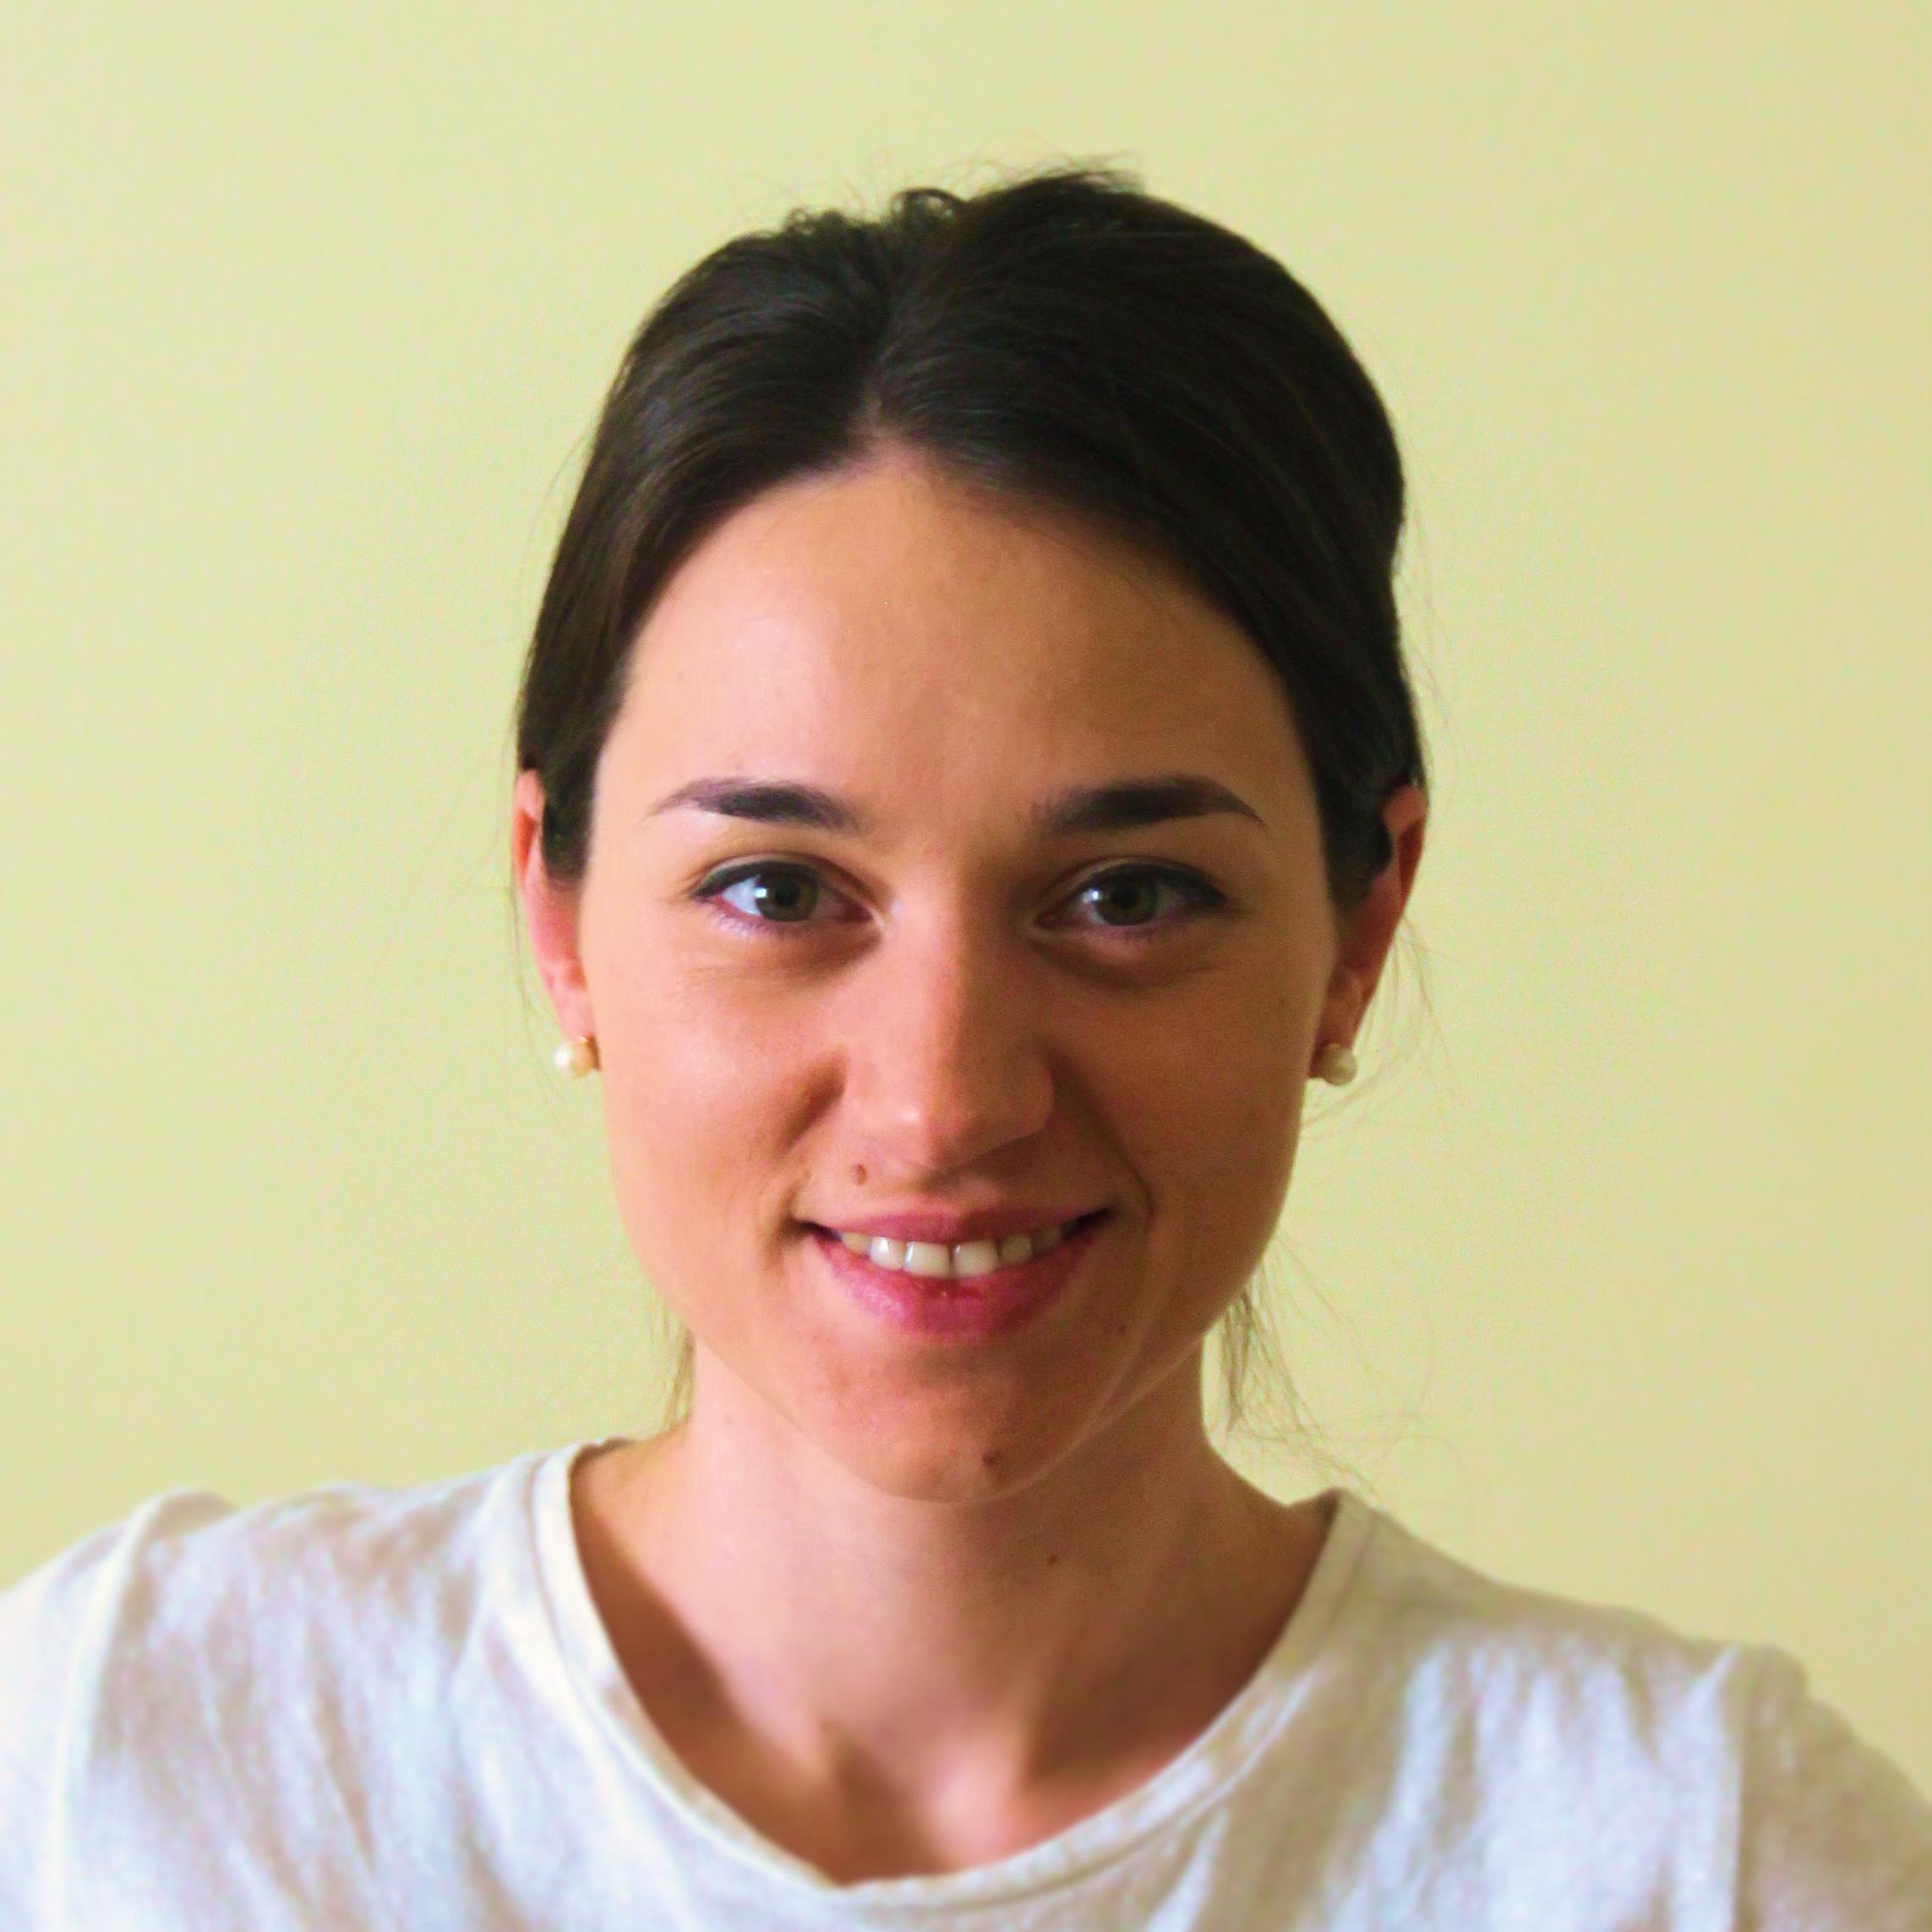 Zhuykova Christina.jpg